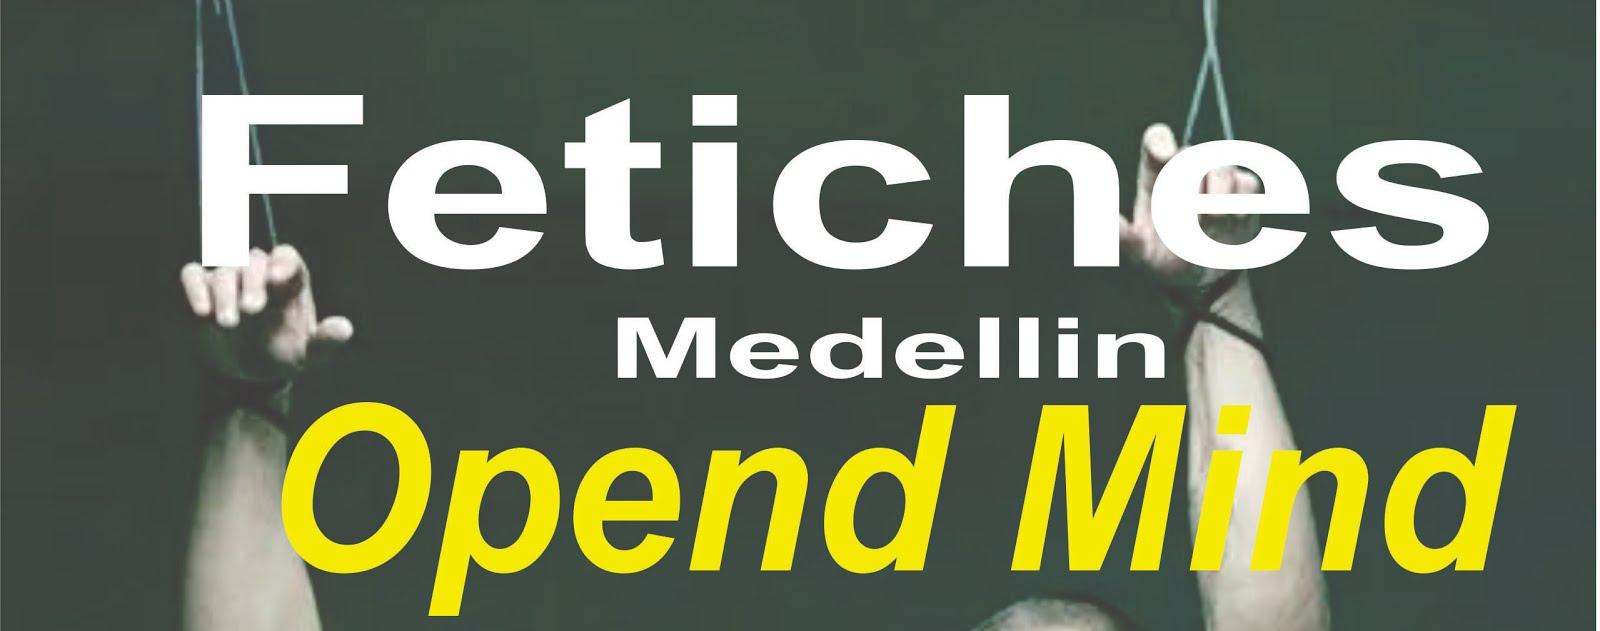 Fetiches !!!!! Medellin.